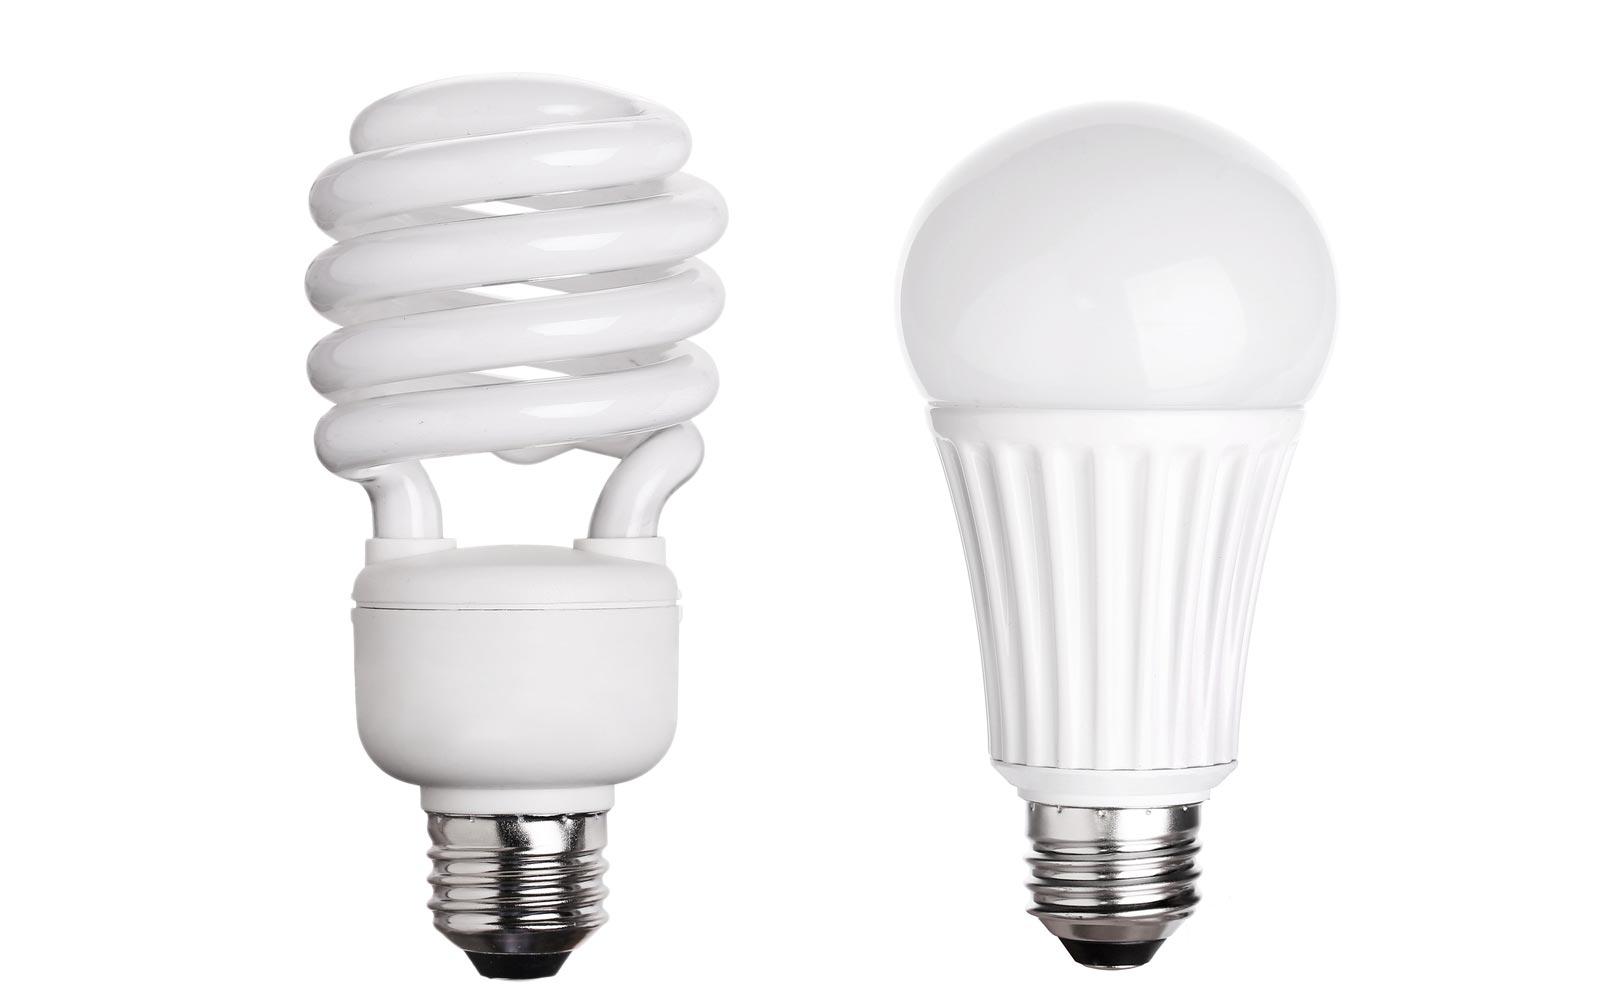 商用元年下的Mini LED进展如何?